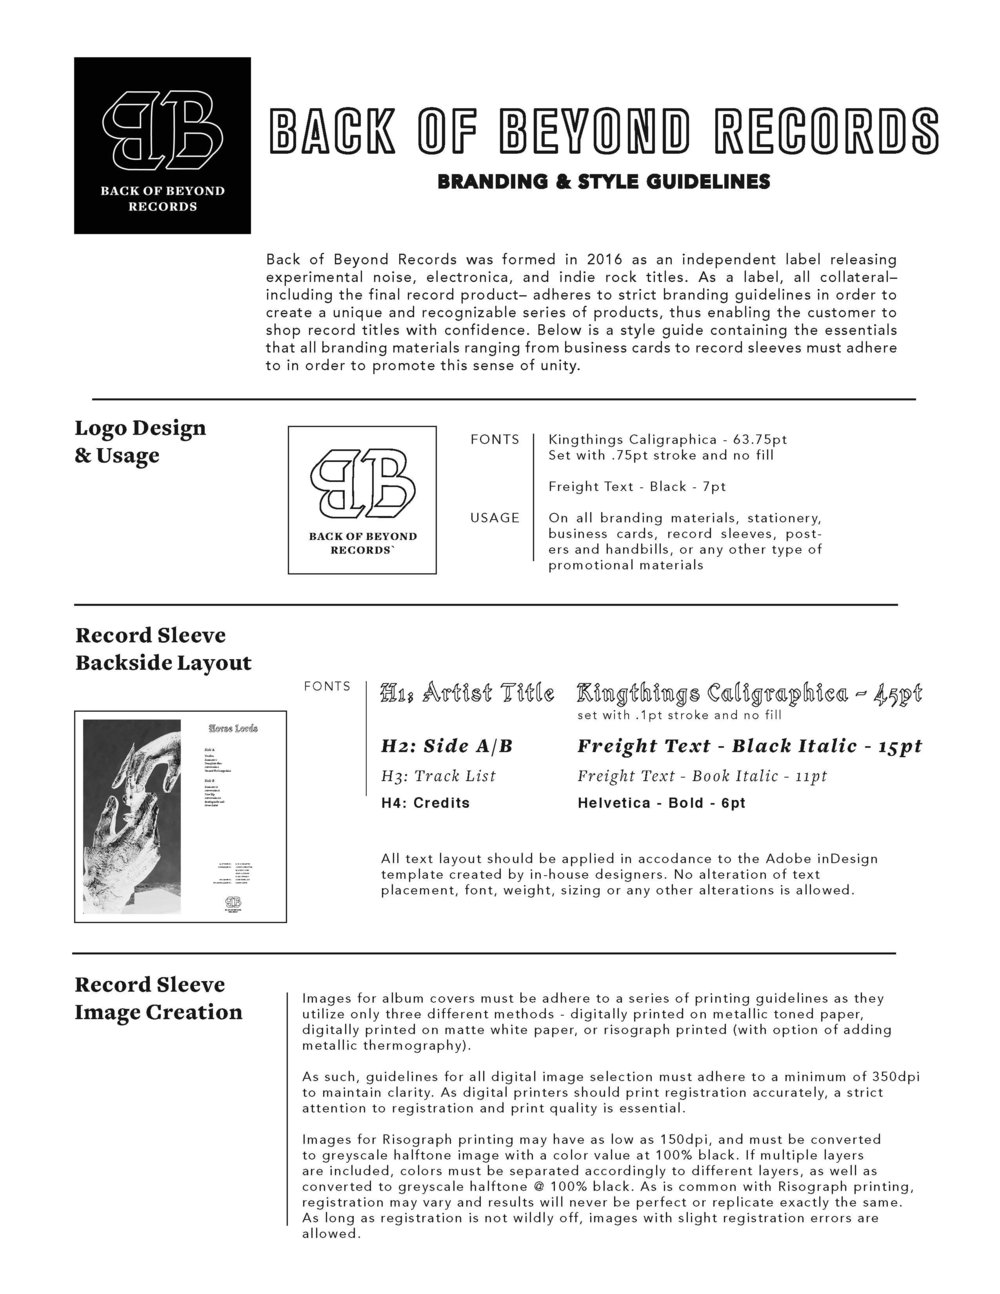 branding_guidelines.jpg